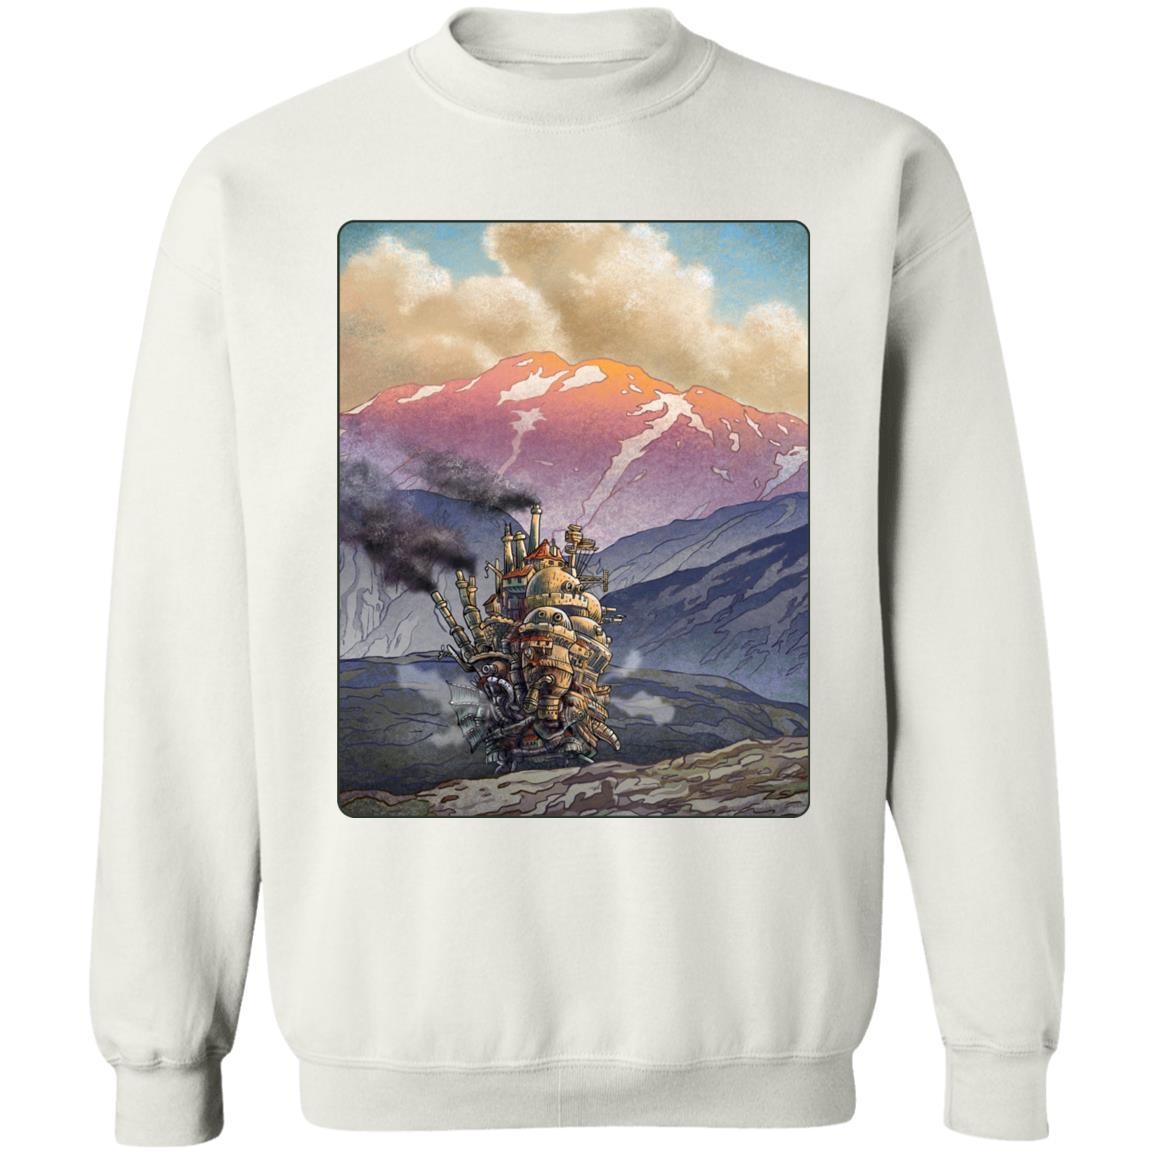 Howl's Moving Castle Landscape Sweatshirt